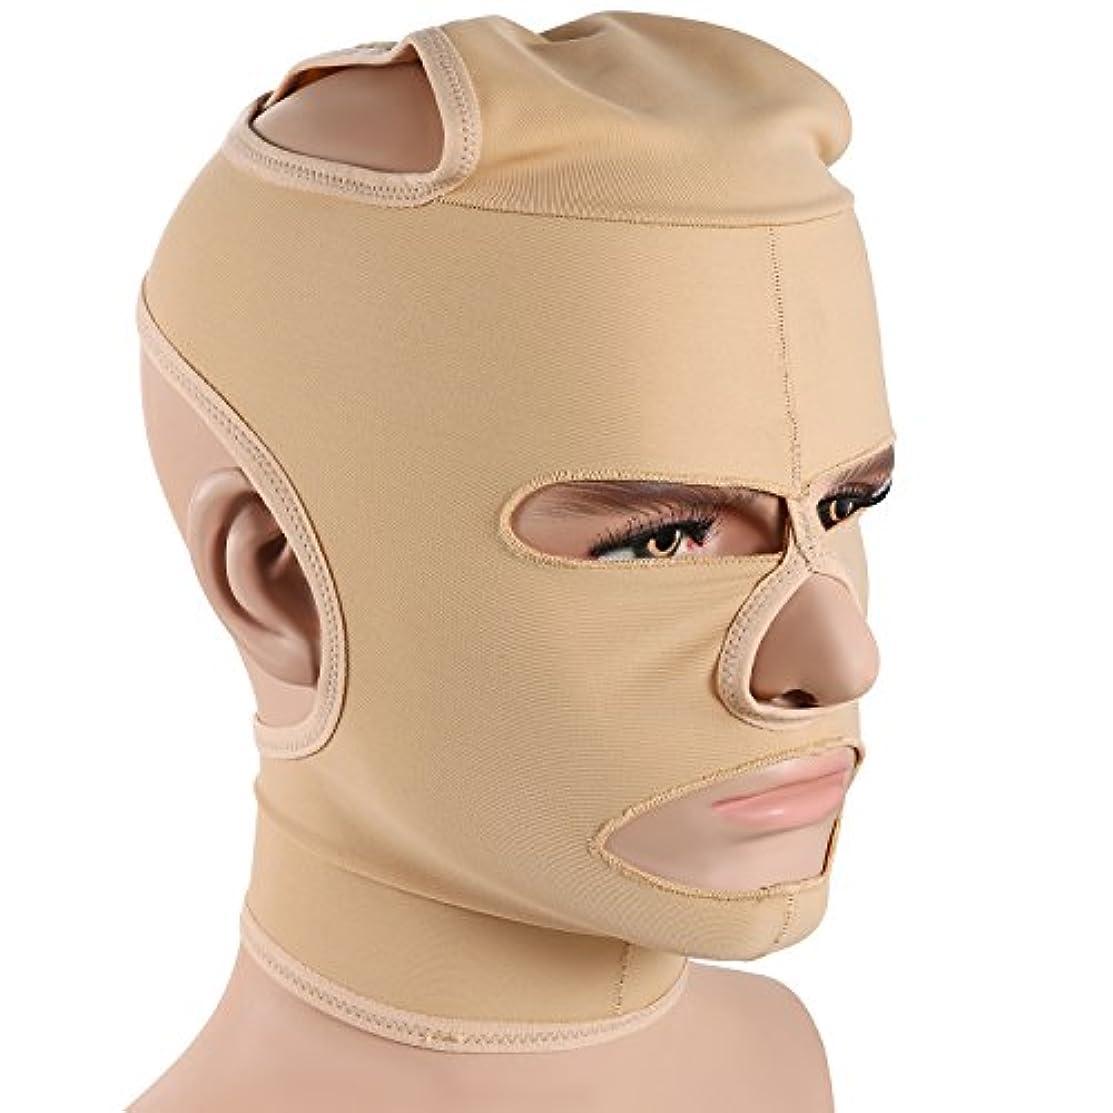 一口歯科のそうJewelryWe 小顔補正マスク 小顔ベルト 法令線予防 シワ防止 美顔 額、顎下、頬リフトアップ 男女兼用 Mサイズ